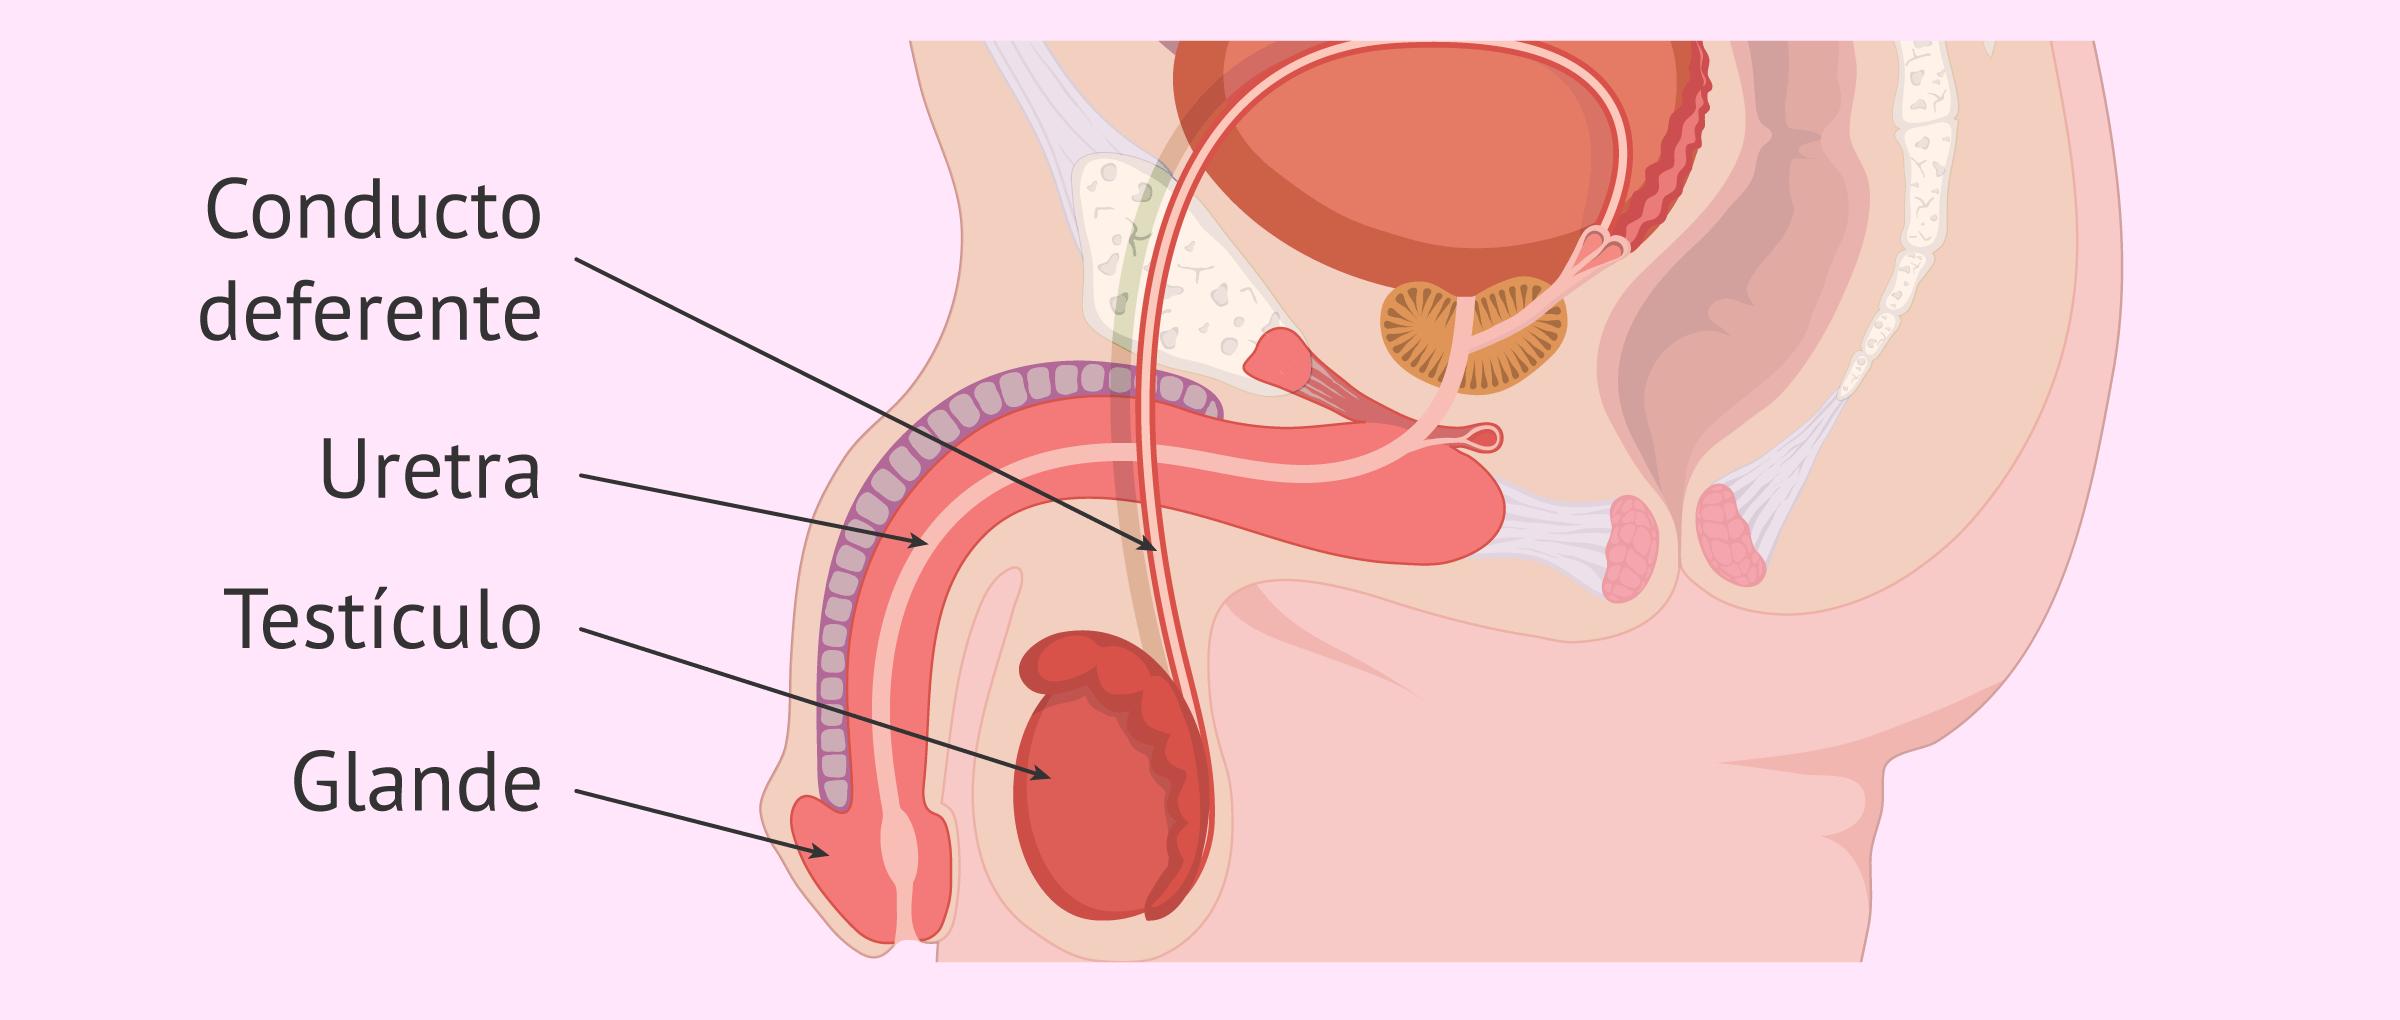 Imagen del aparato reproductor masculino y los conductos deferentes